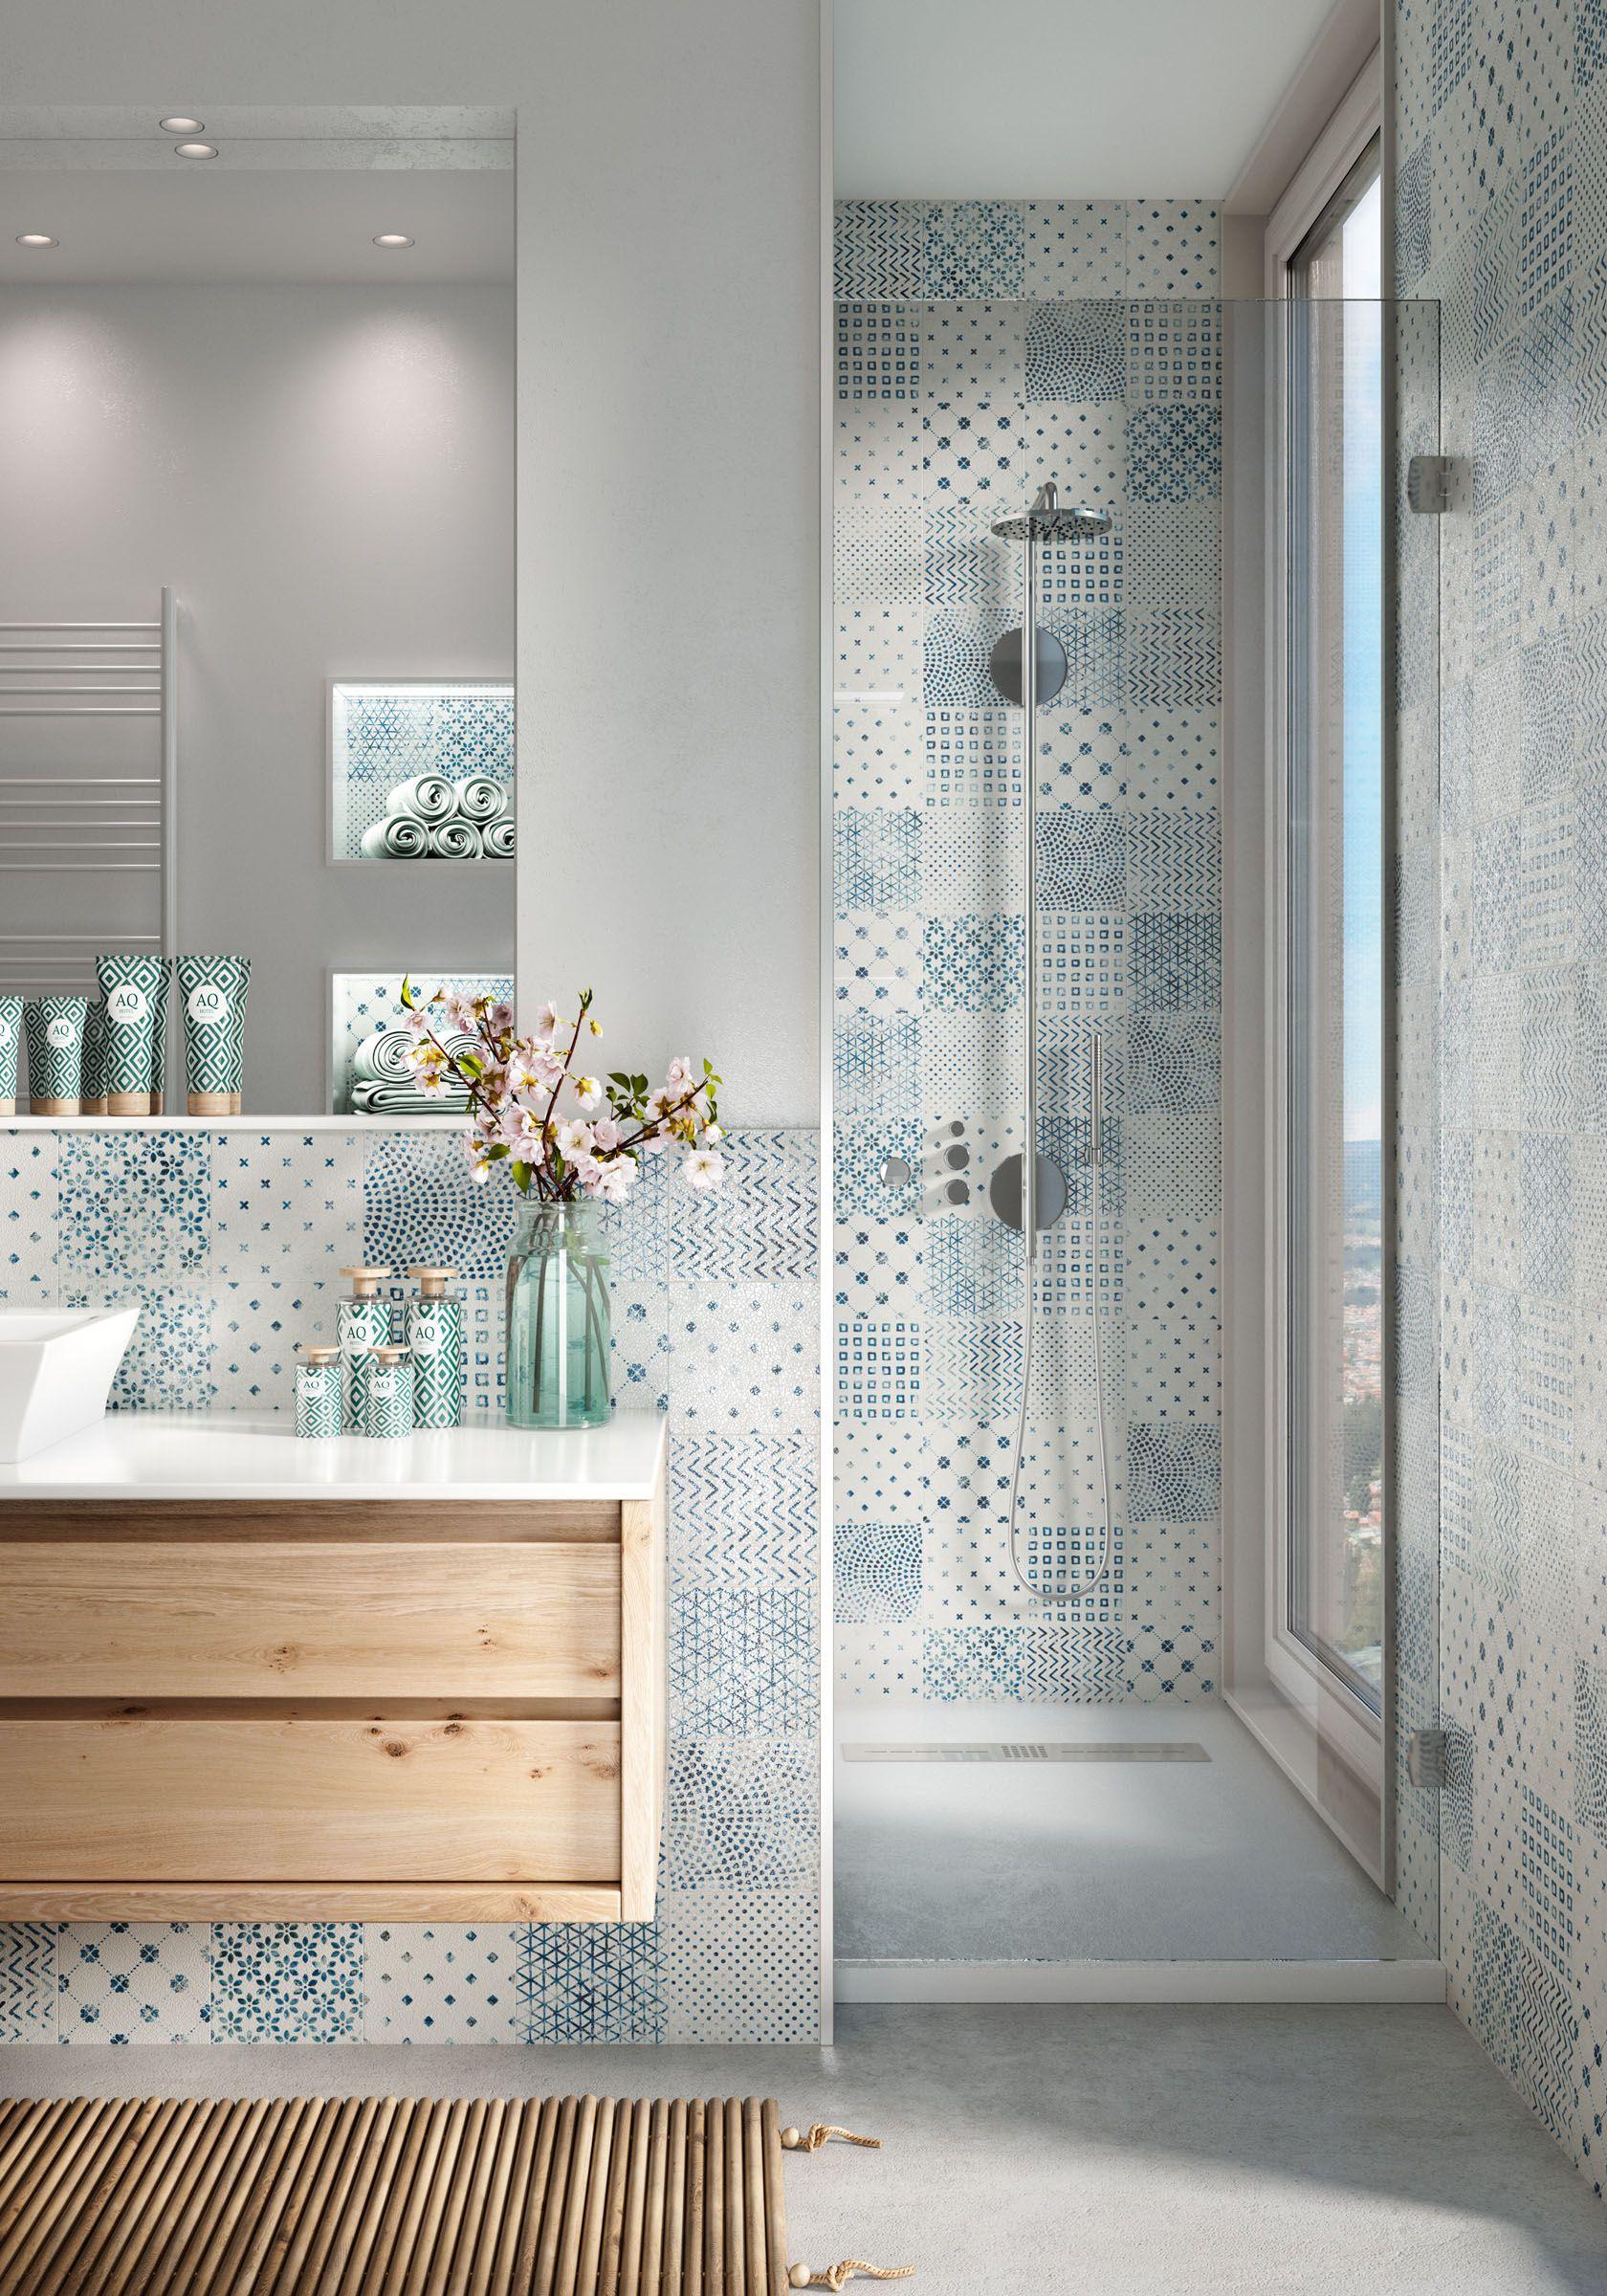 Delft Modern Vintage Badezimmer Innenausstattung Badezimmer Badezimmer Design